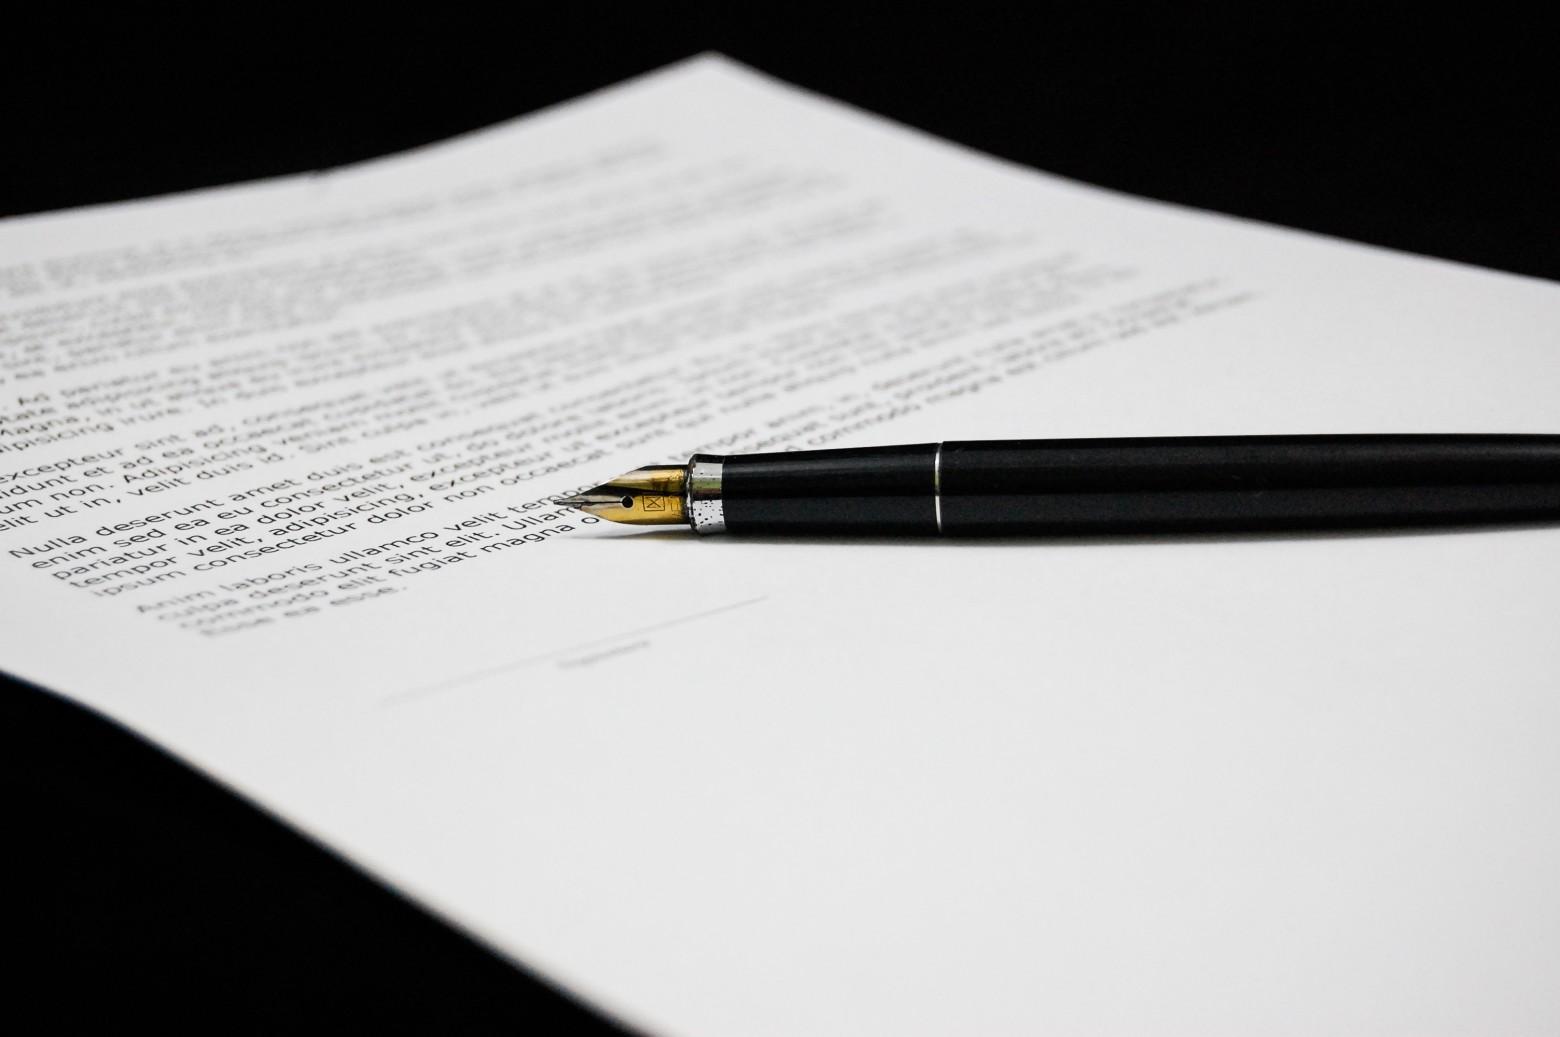 Document papier officiel signe signature contrat photos for Images gratuites documents